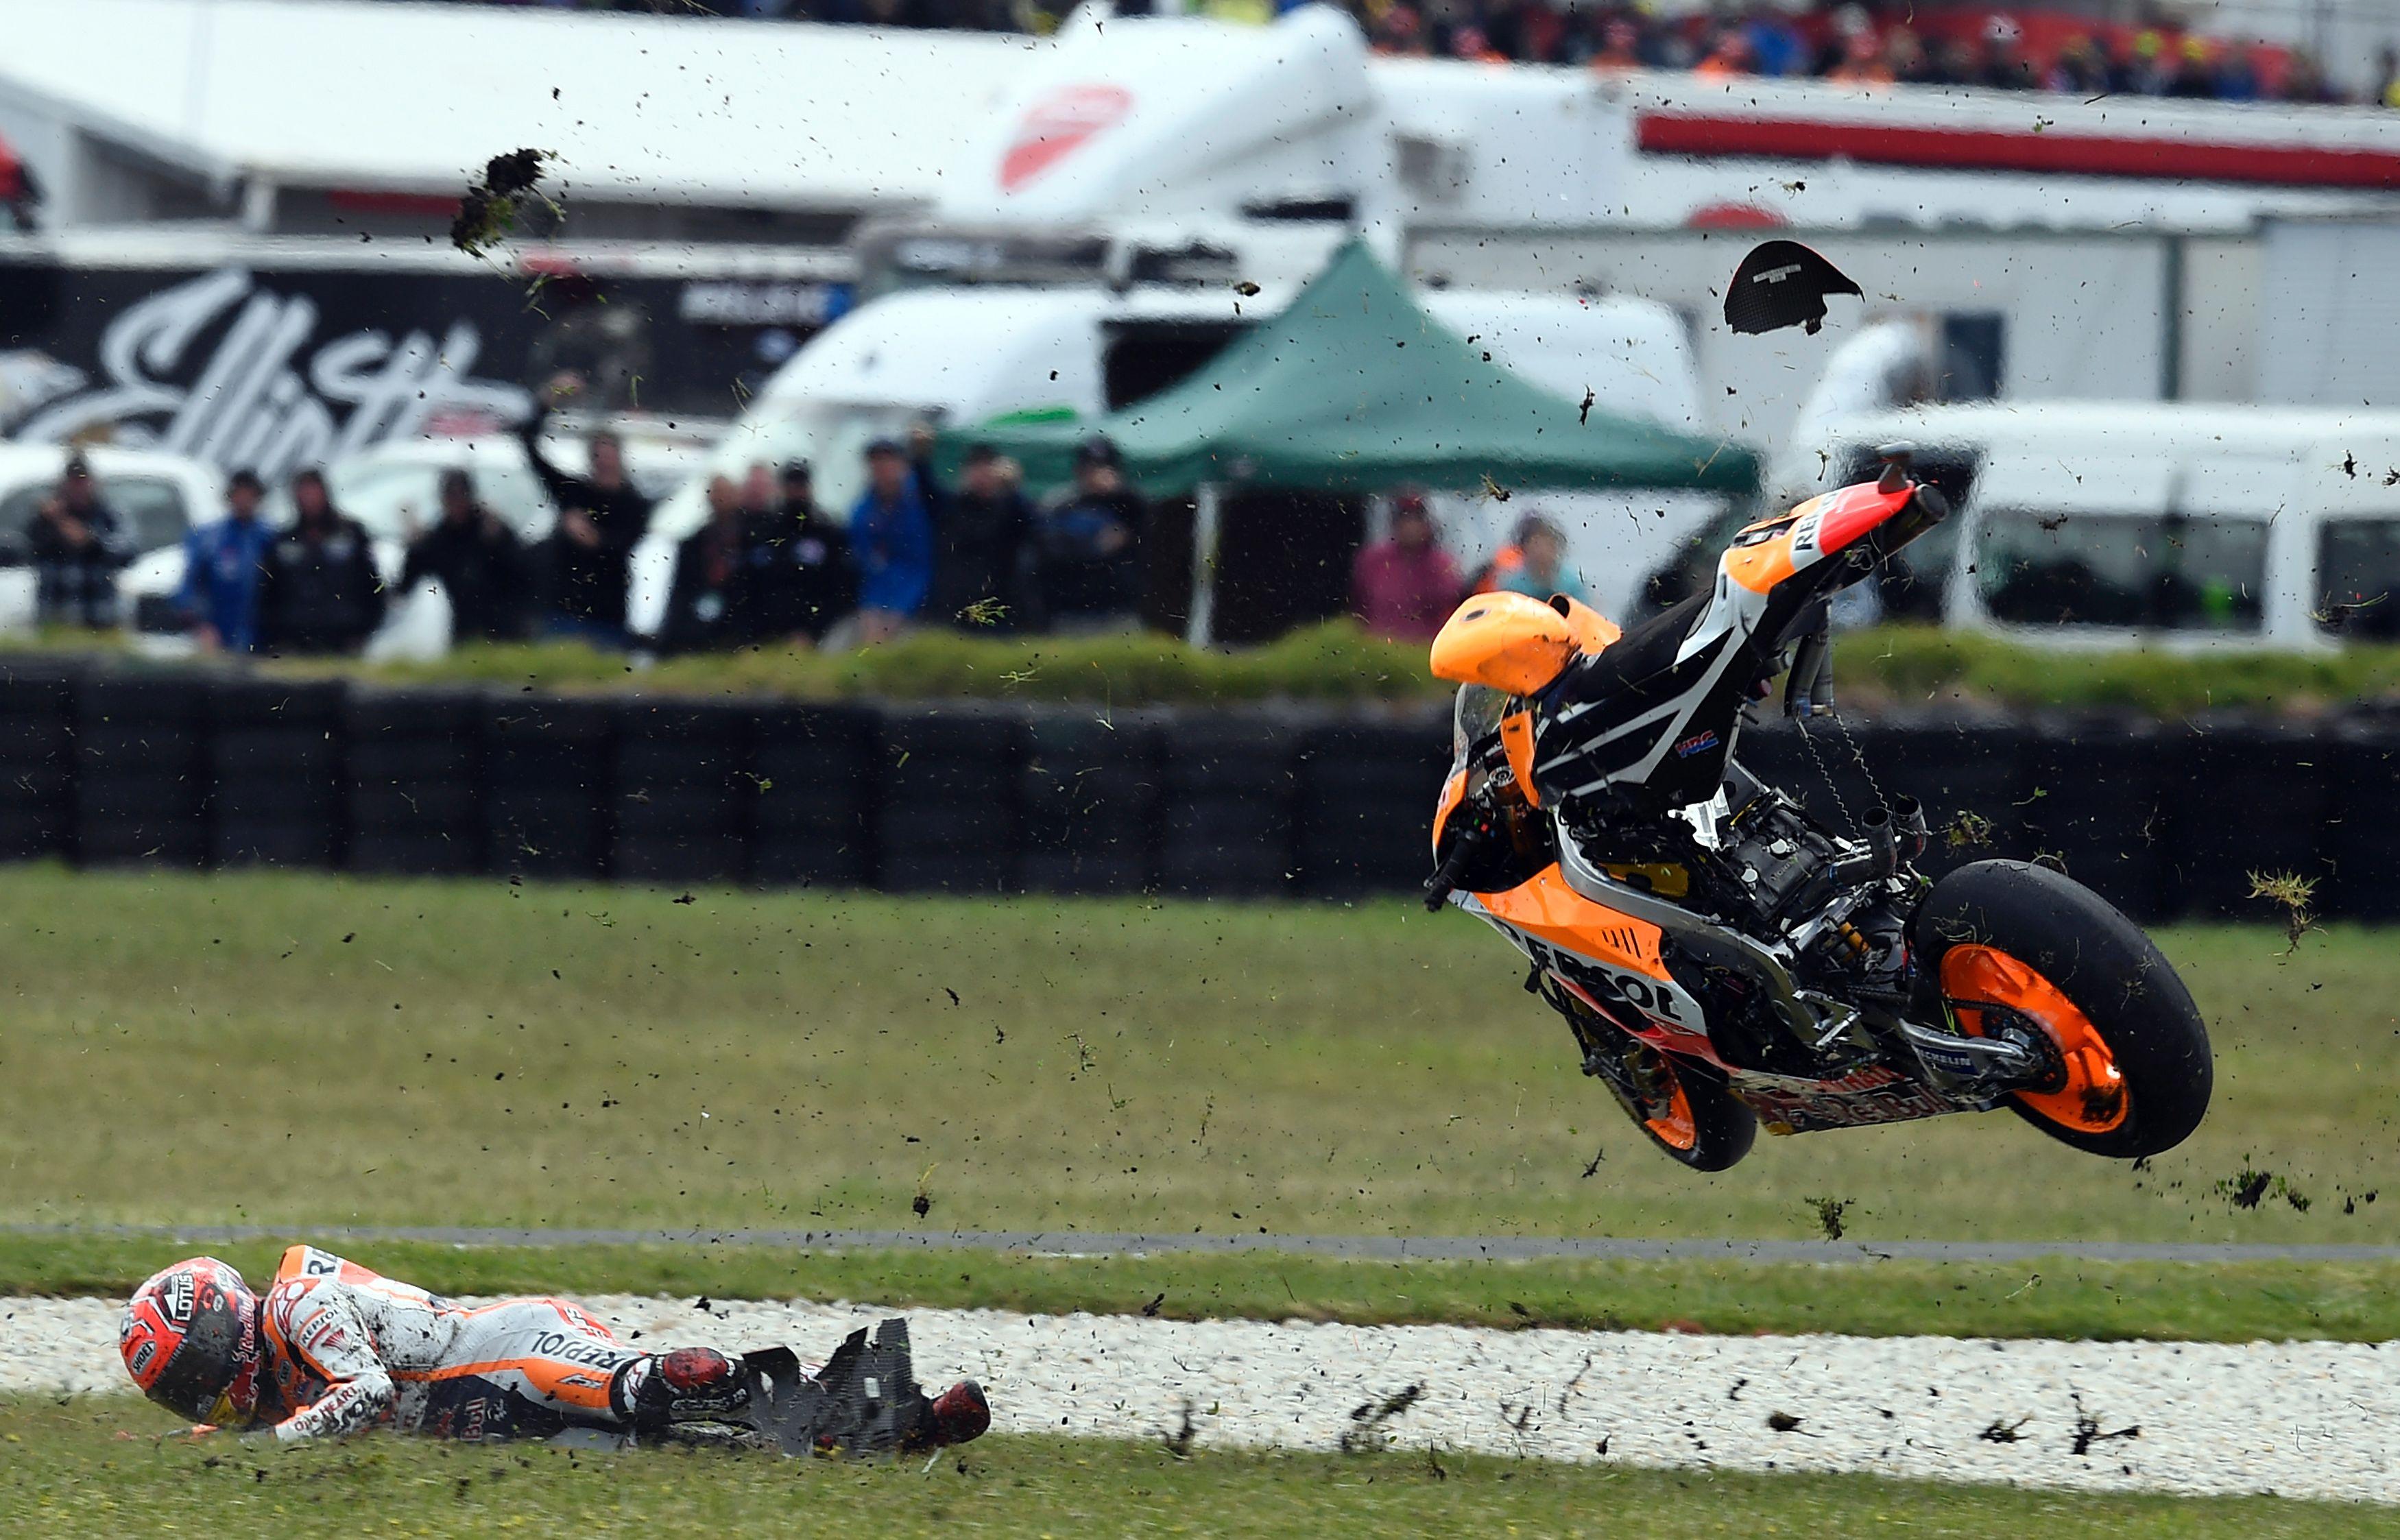 Auto/Moto - Crutchlow profite de la chute de Marquez pour s'imposer